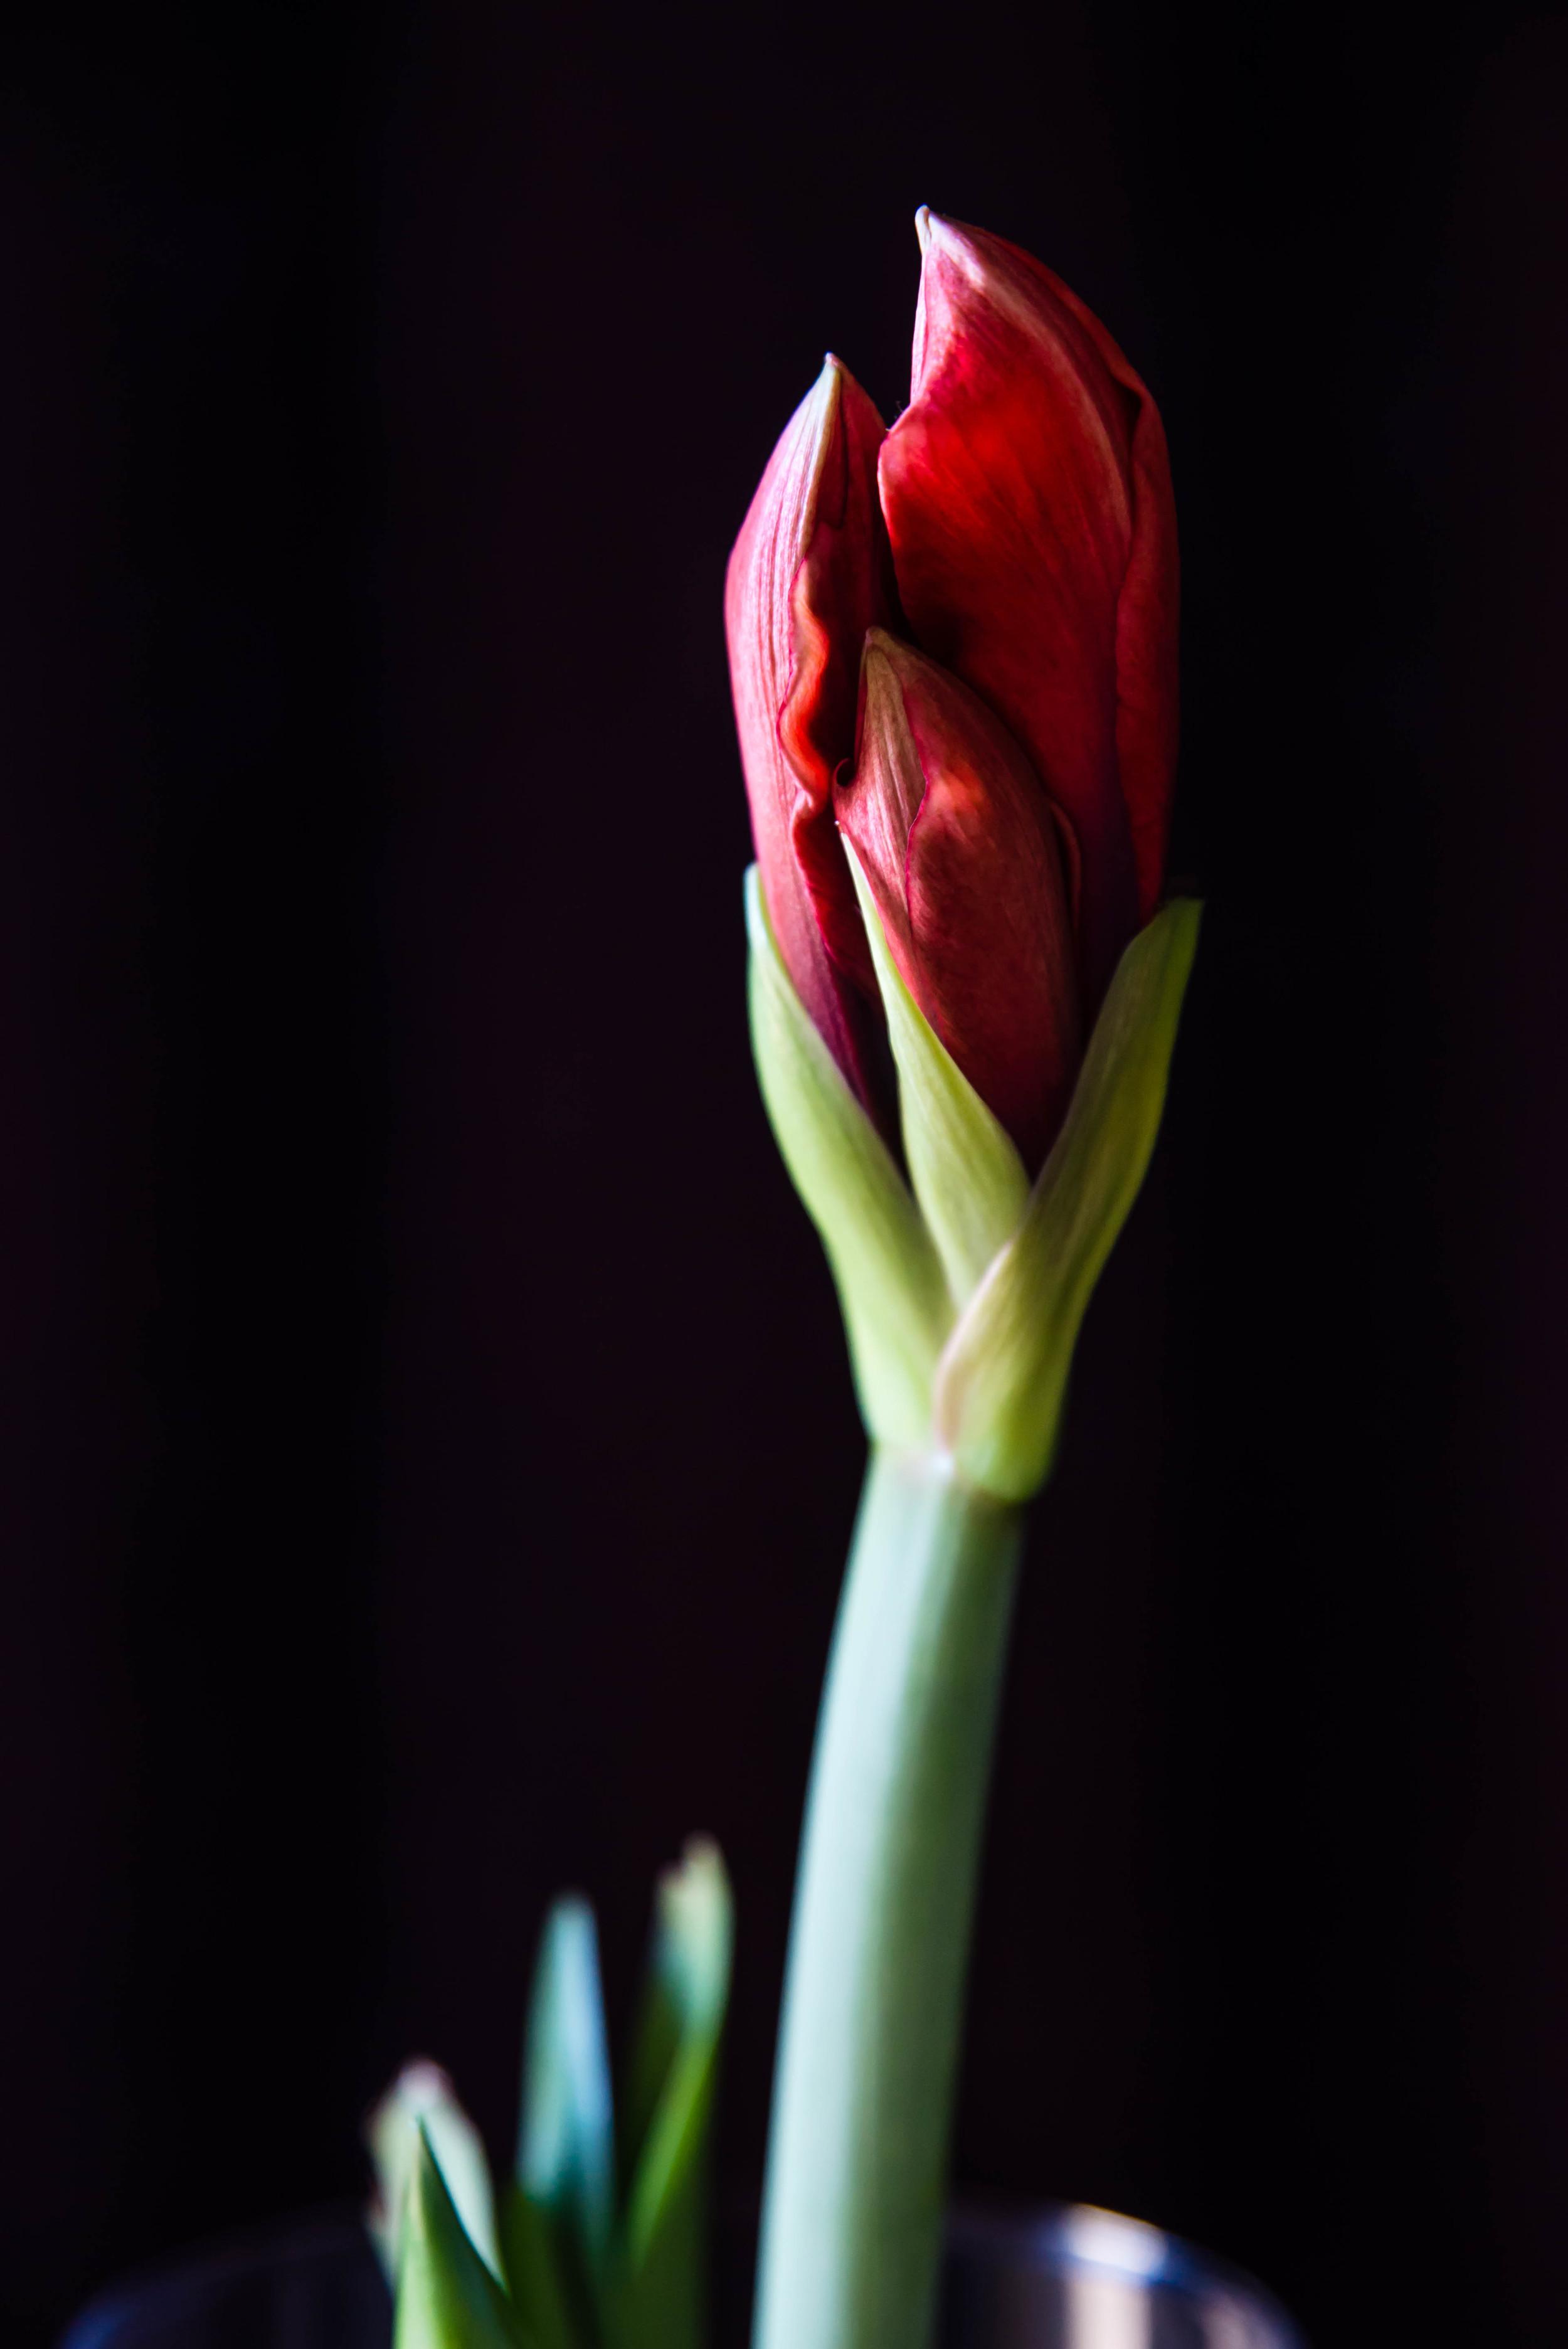 Amaryllis Bulb photograph by Stephanie Ray